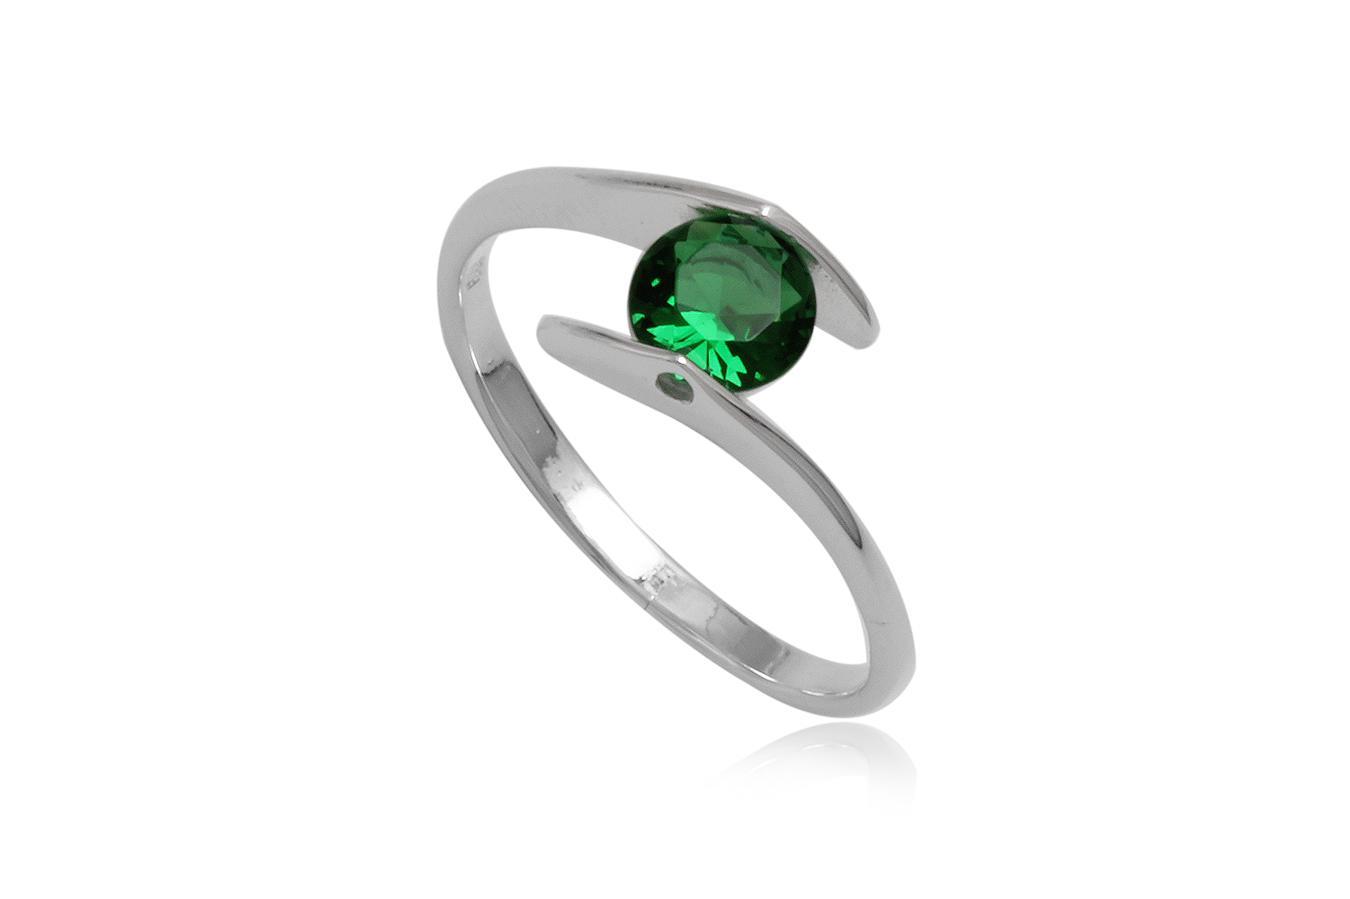 inel finut cu piatra verde inchis